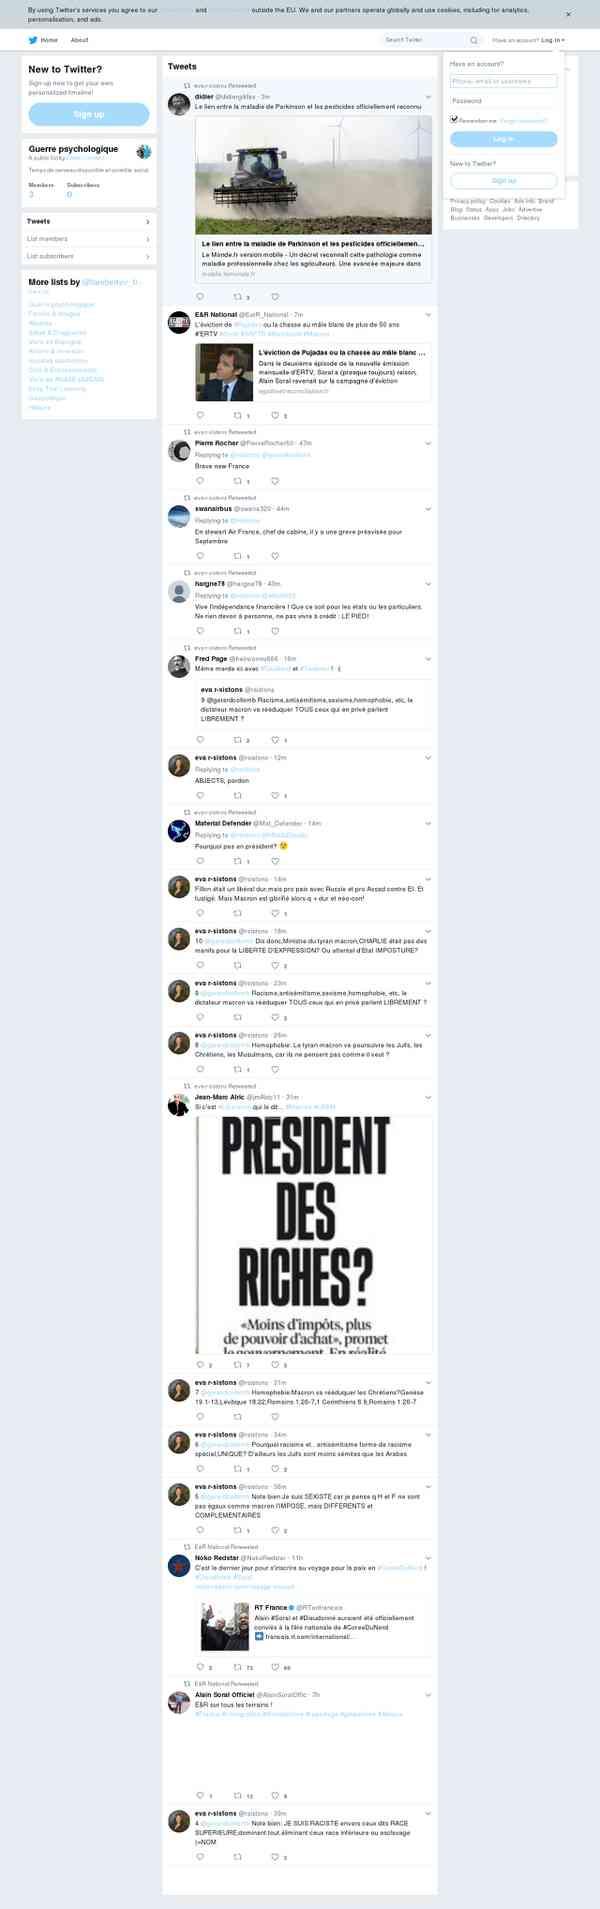 @lambertov_fr/Guerre psychologique on Twitter